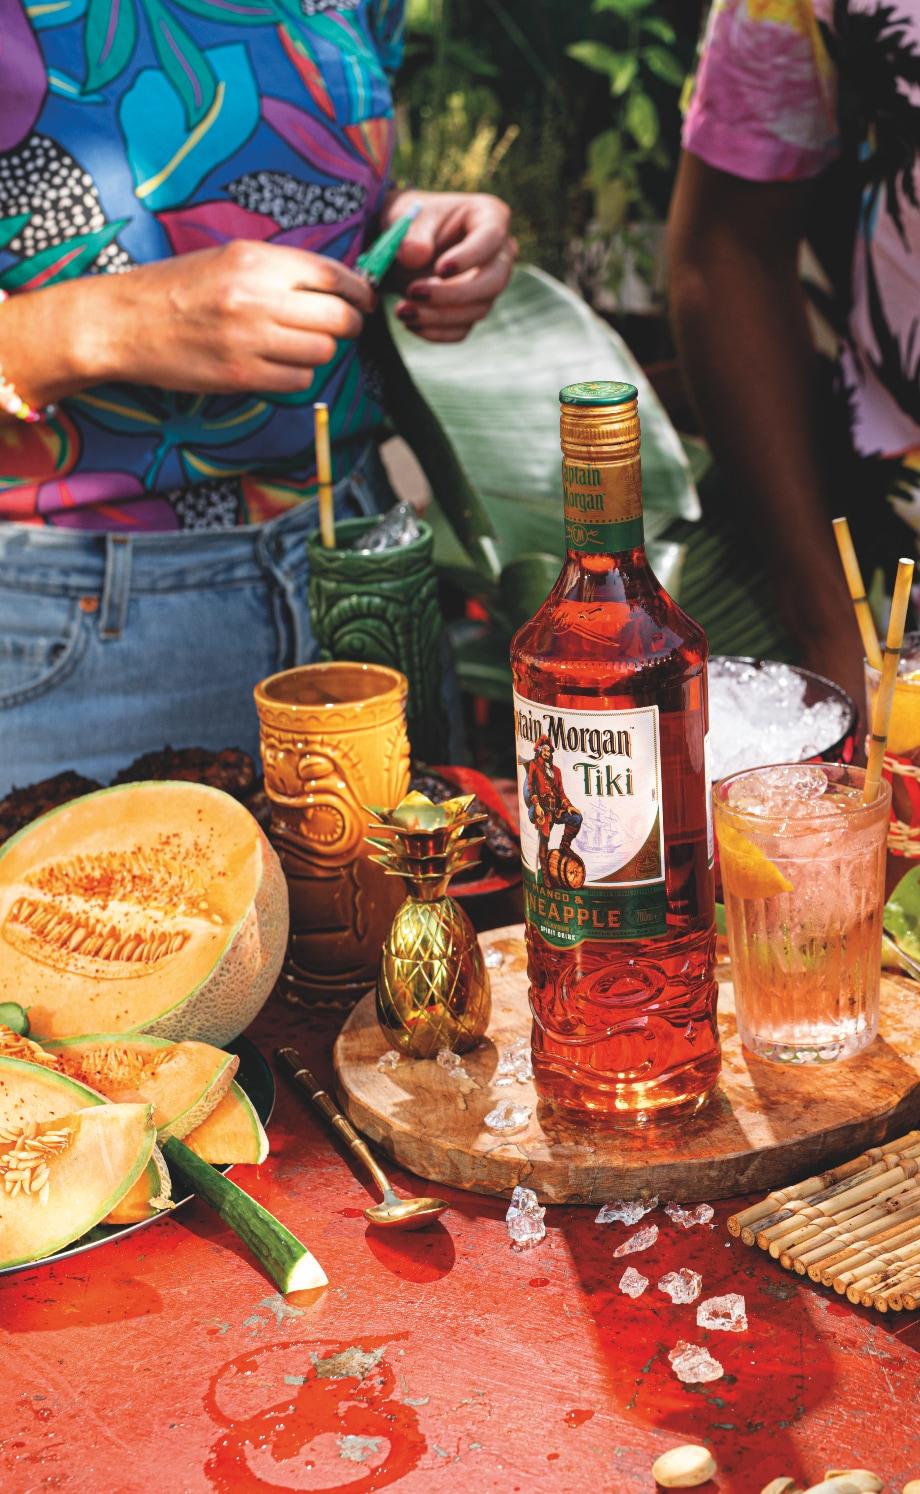 Een cocktail gemaakt met Captain Morgan Tiki